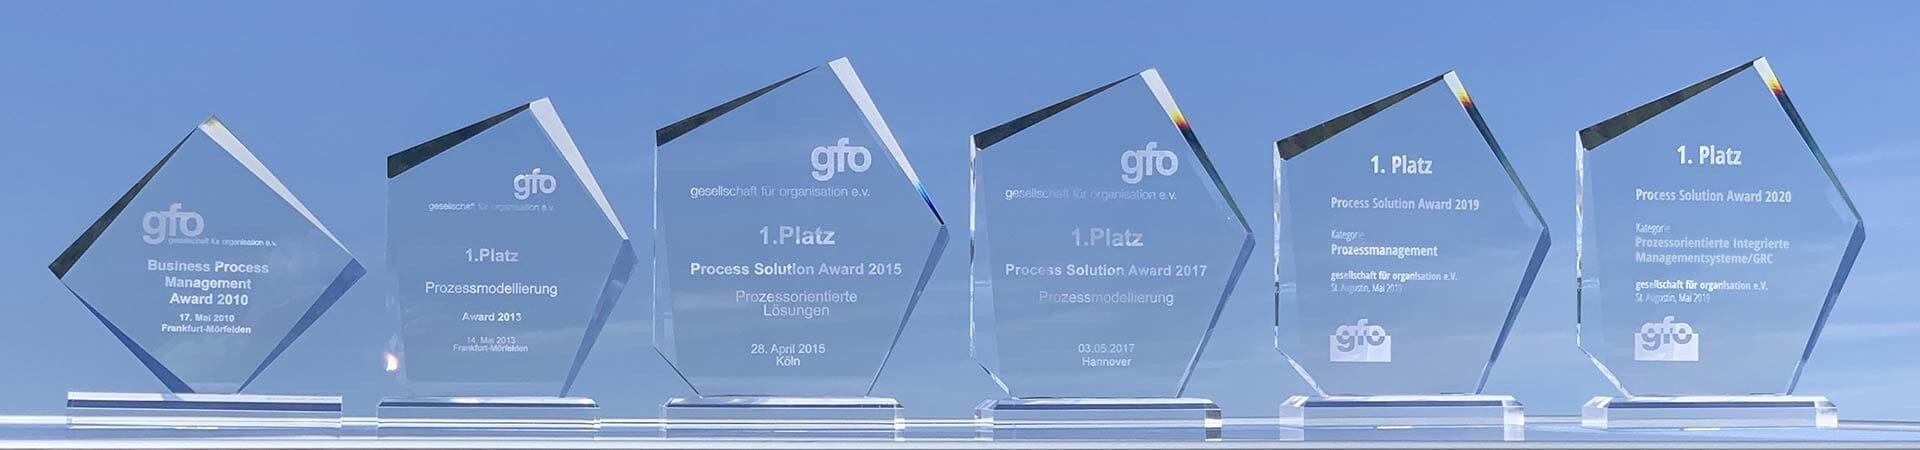 gfo-Awards für Intellior